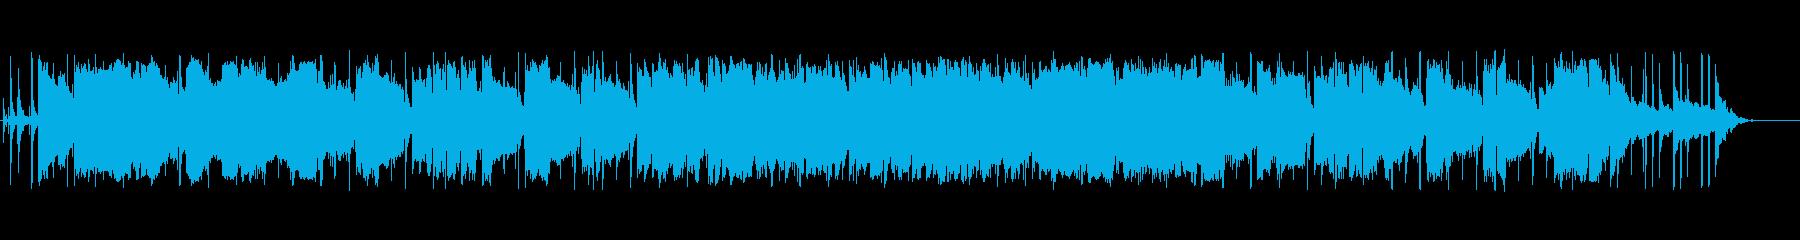 ゆったりとした優しいBGMの再生済みの波形